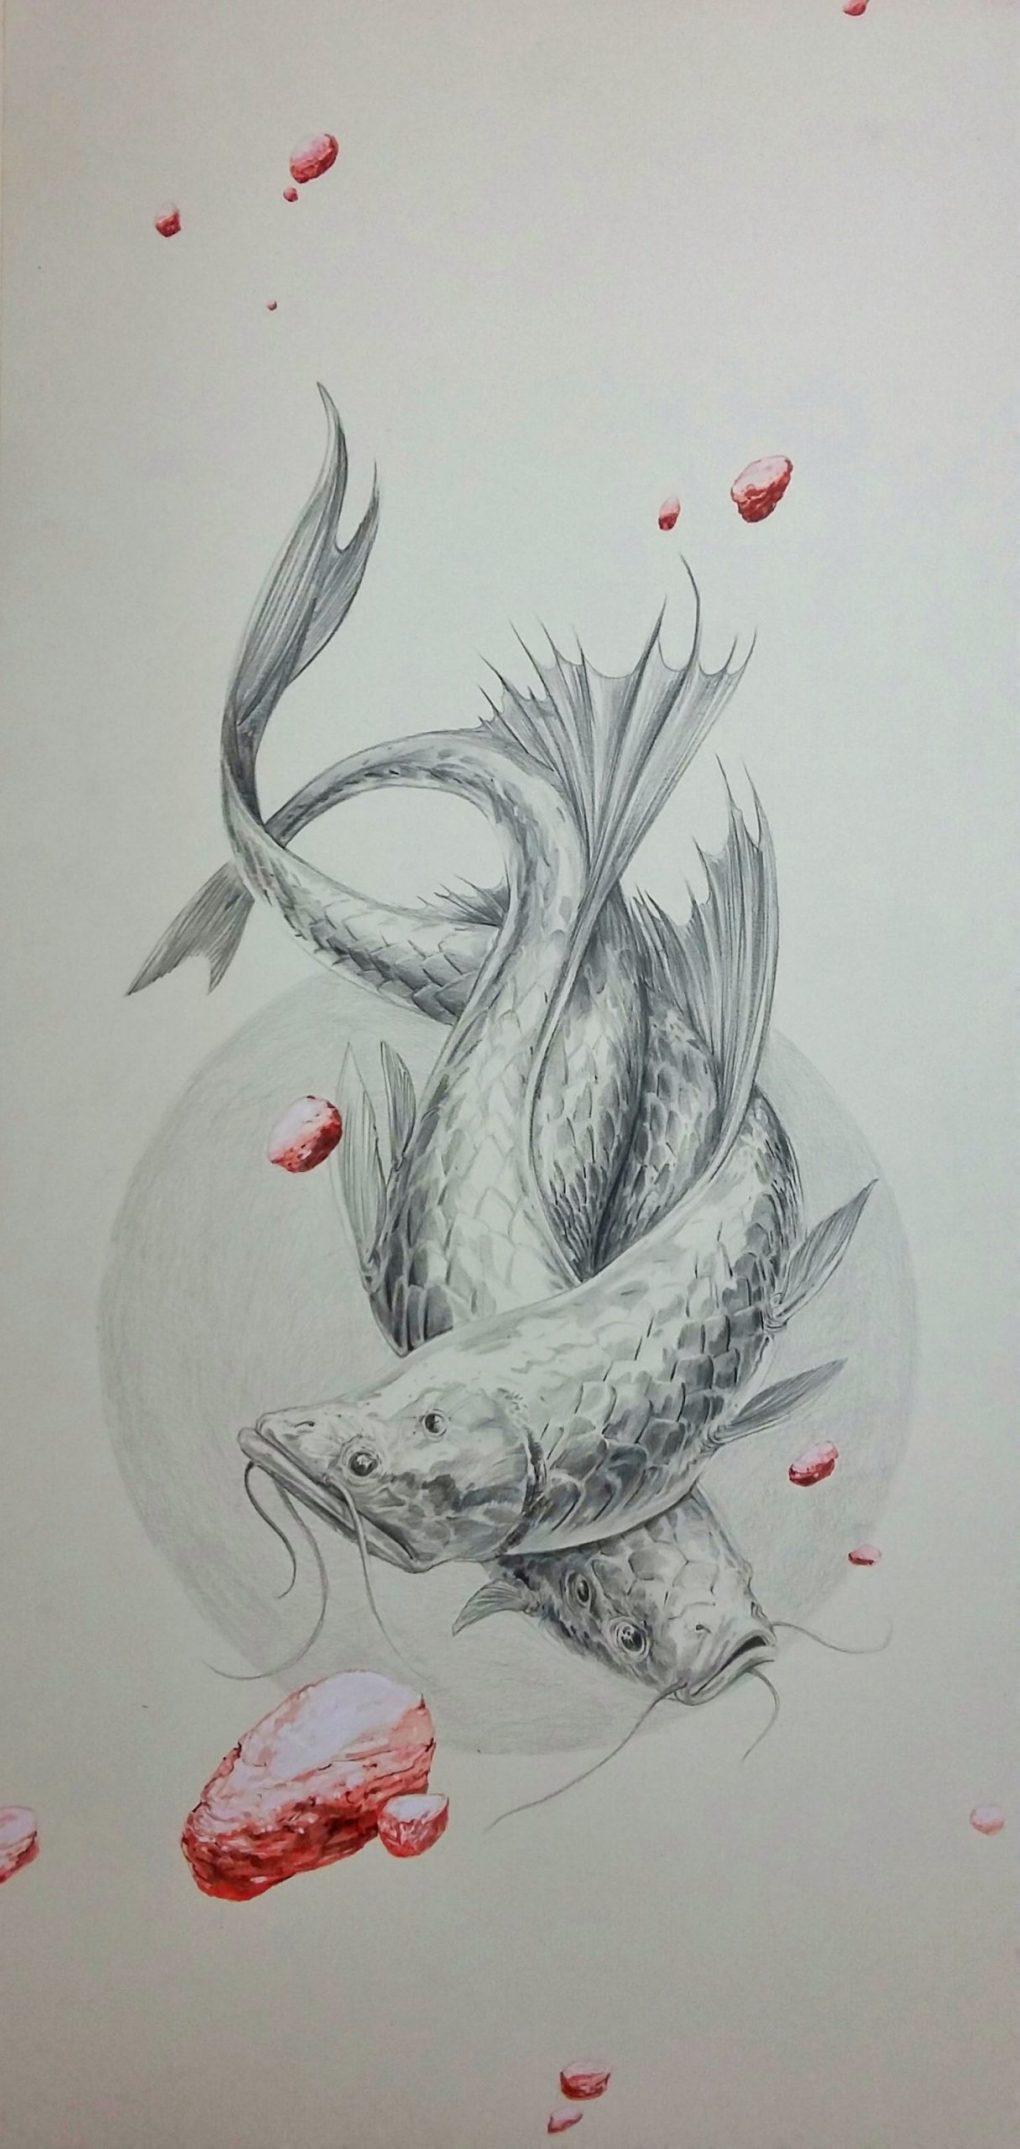 Disturbance Serisi - Balıklar